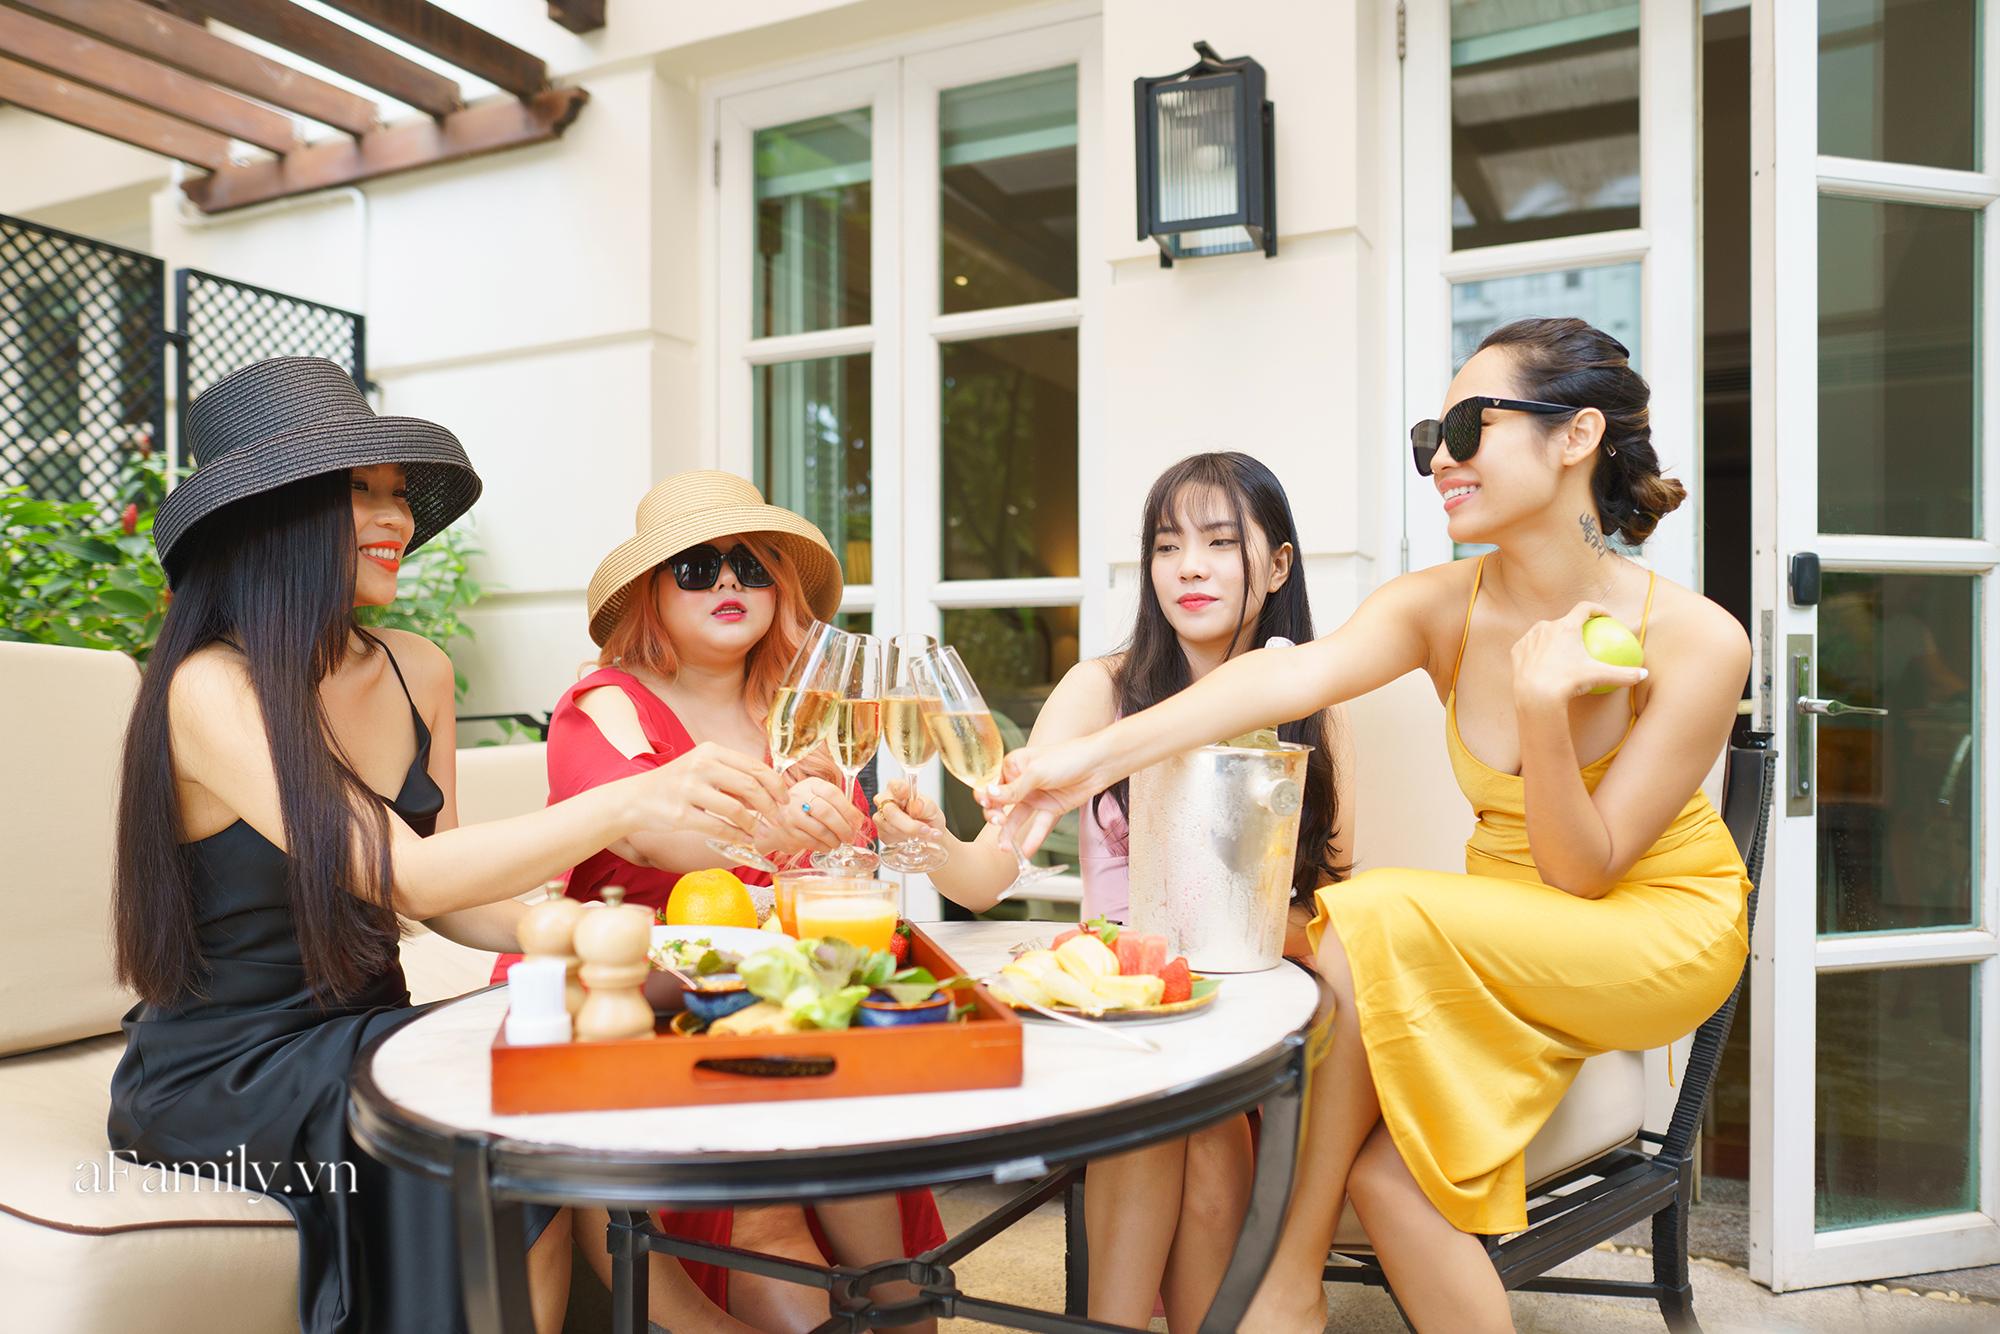 Nhiều người Sài Gòn chọn trải nghiệm kỳ nghỉ 2/9 tại các khách sạn 5 sao vì giá quá hời chỉ bằng một nửa so với ngày thường và đây là 3 nơi siêu lý tưởng  - Ảnh 4.